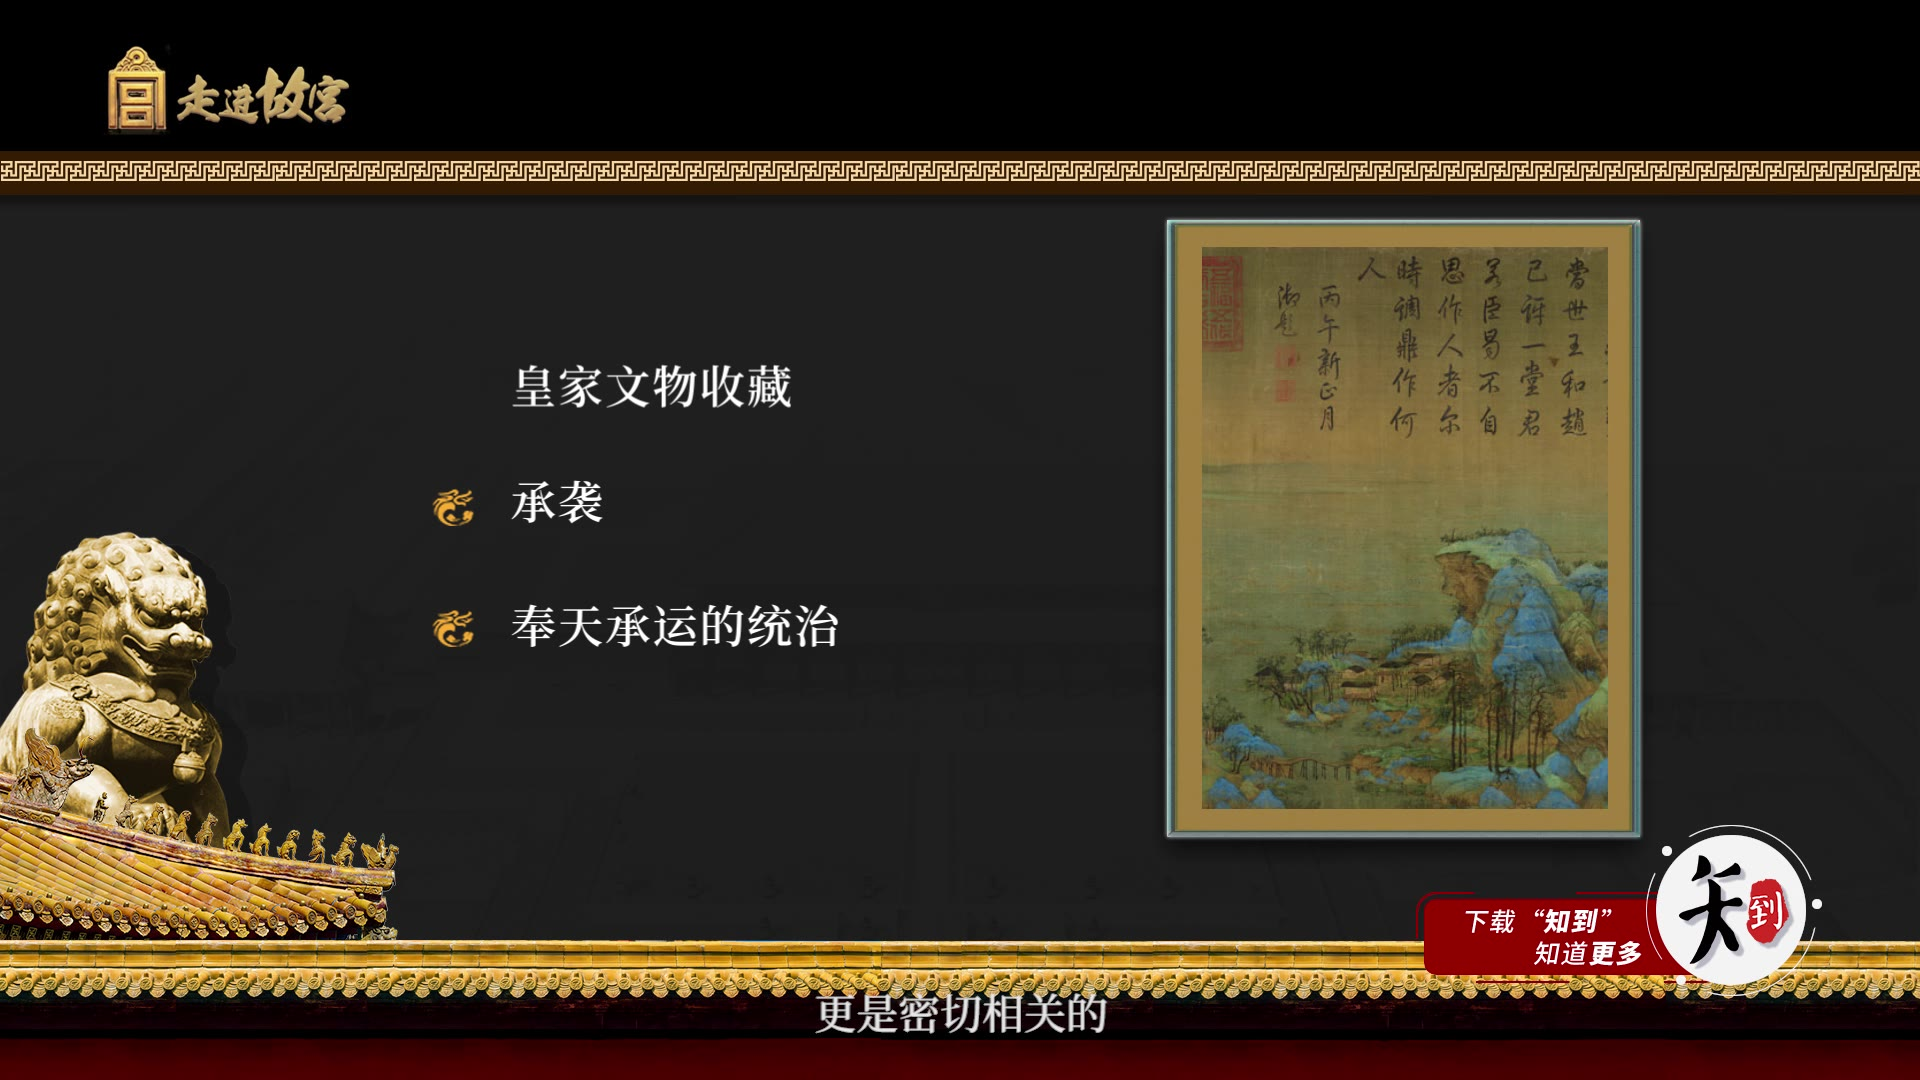 03故宫藏品反映着国家命脉 民族精神.mp4